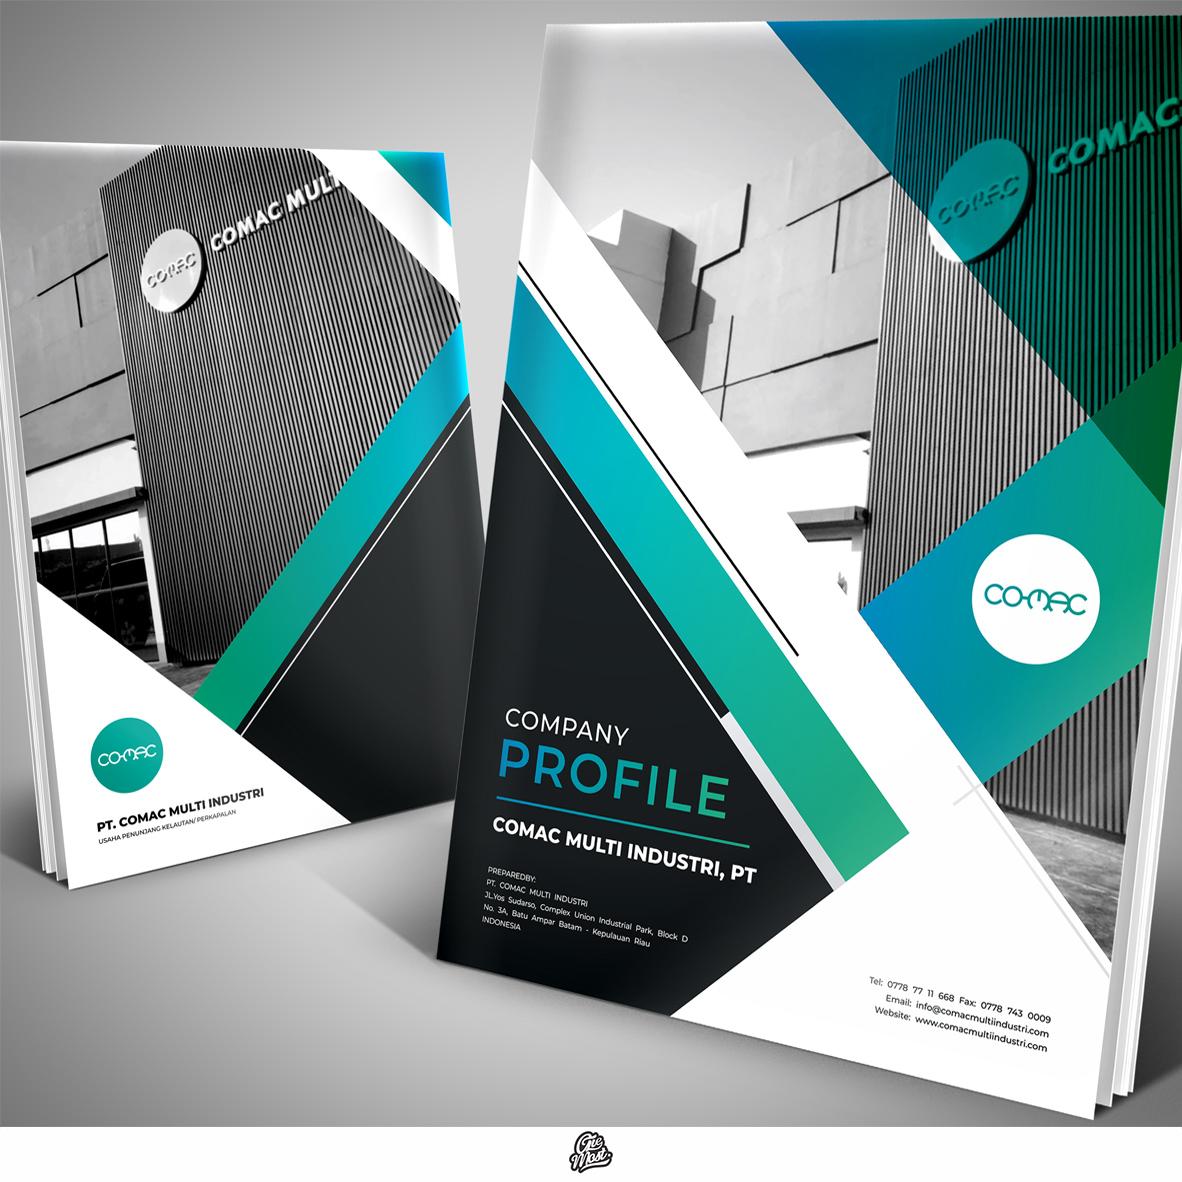 Desain Company Profile Untuk Perusahaan Cathodic